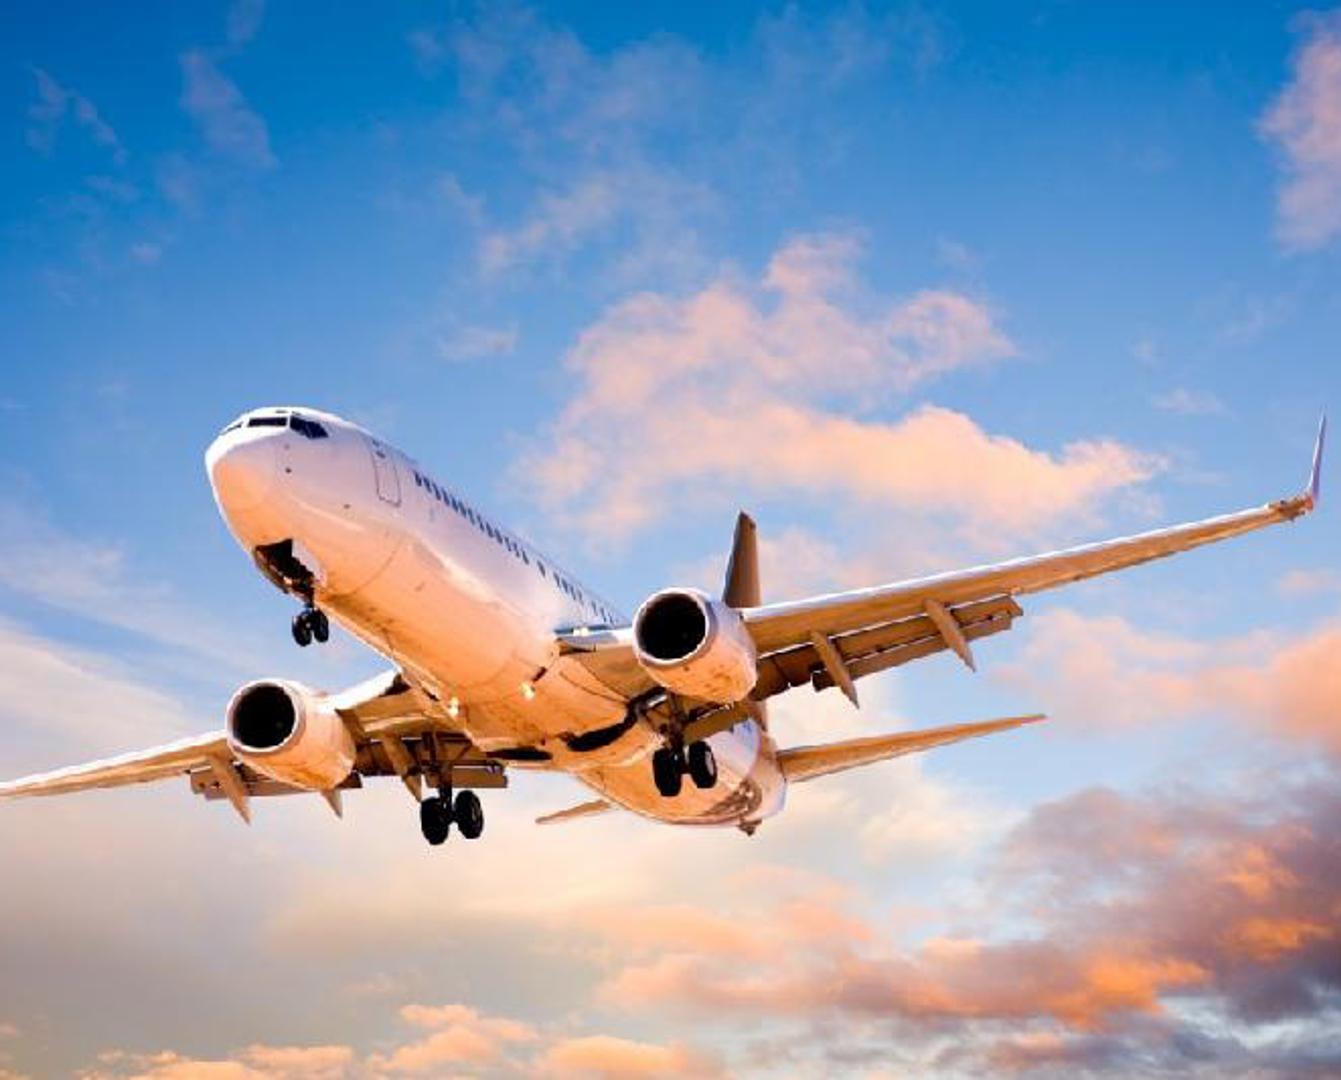 Авиарейсы из Астаны в Токио, Шанхай и Нью-Йорк запустят до декабря 2020 года